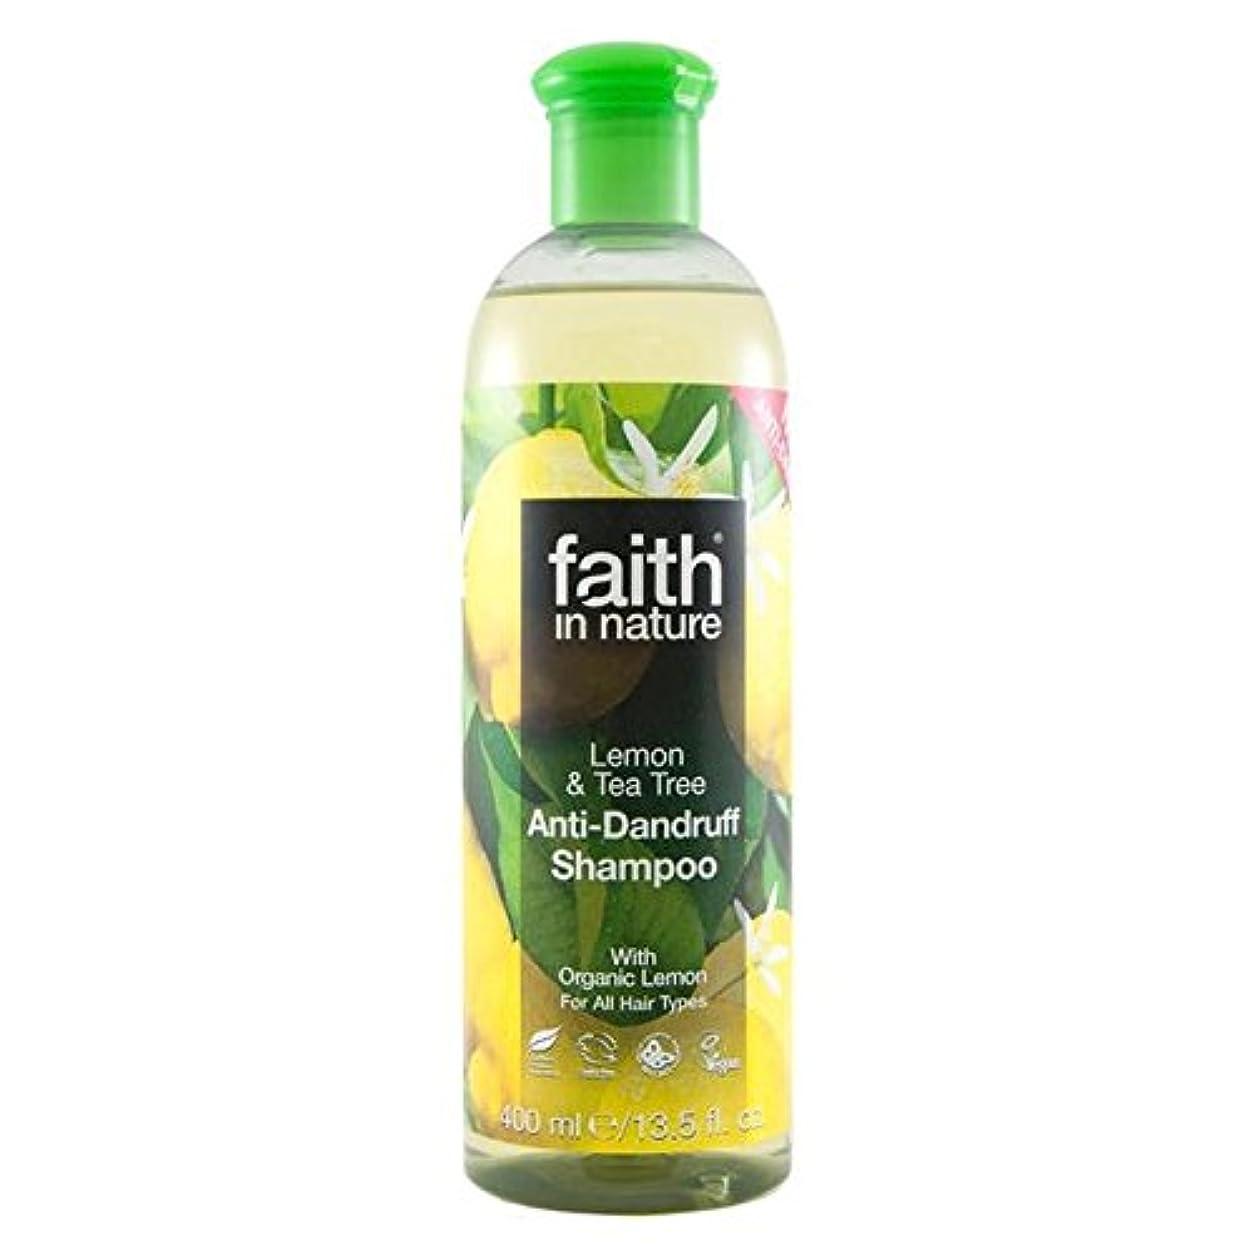 責める可能性残酷なFaith in Nature Anti-Dandruff Lemon & Tea Tree Shampoo 400ml (Pack of 6) - (Faith In Nature) 自然の中で信仰抗フケレモン&ティーツリーシャンプー400ミリリットル (x6) [並行輸入品]